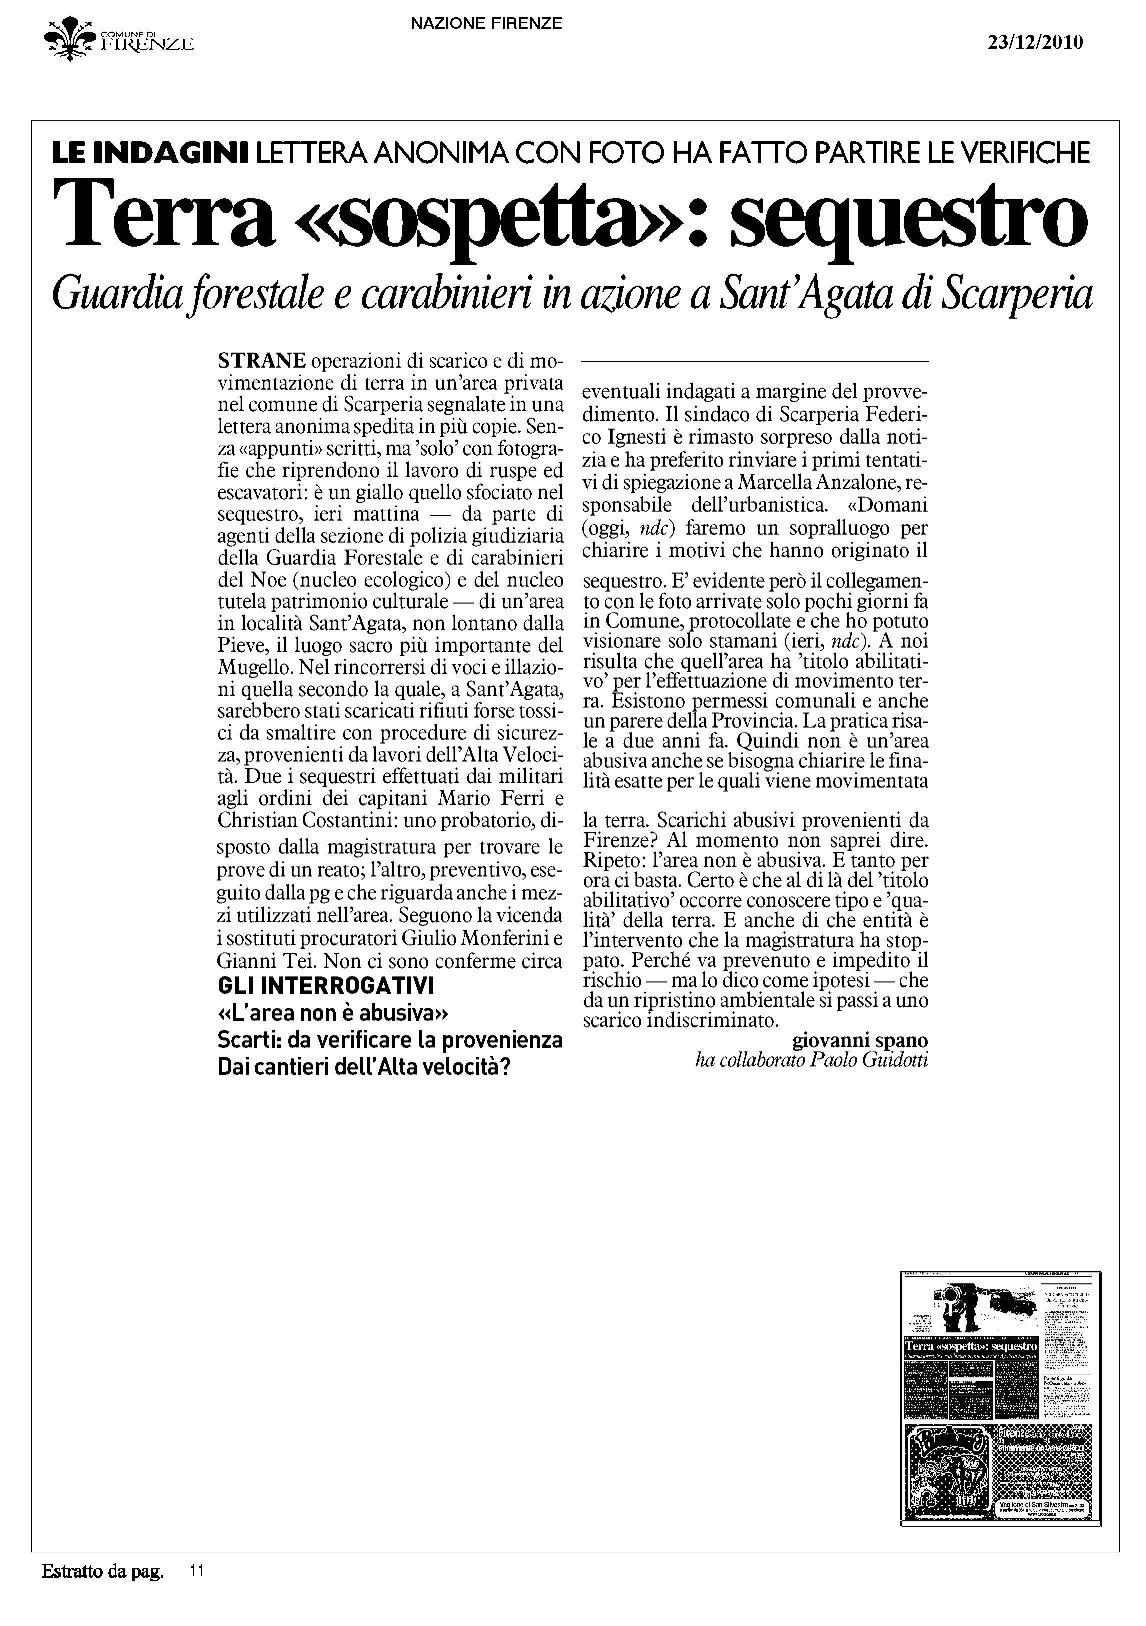 Rassegna stampa del 23.12.2010